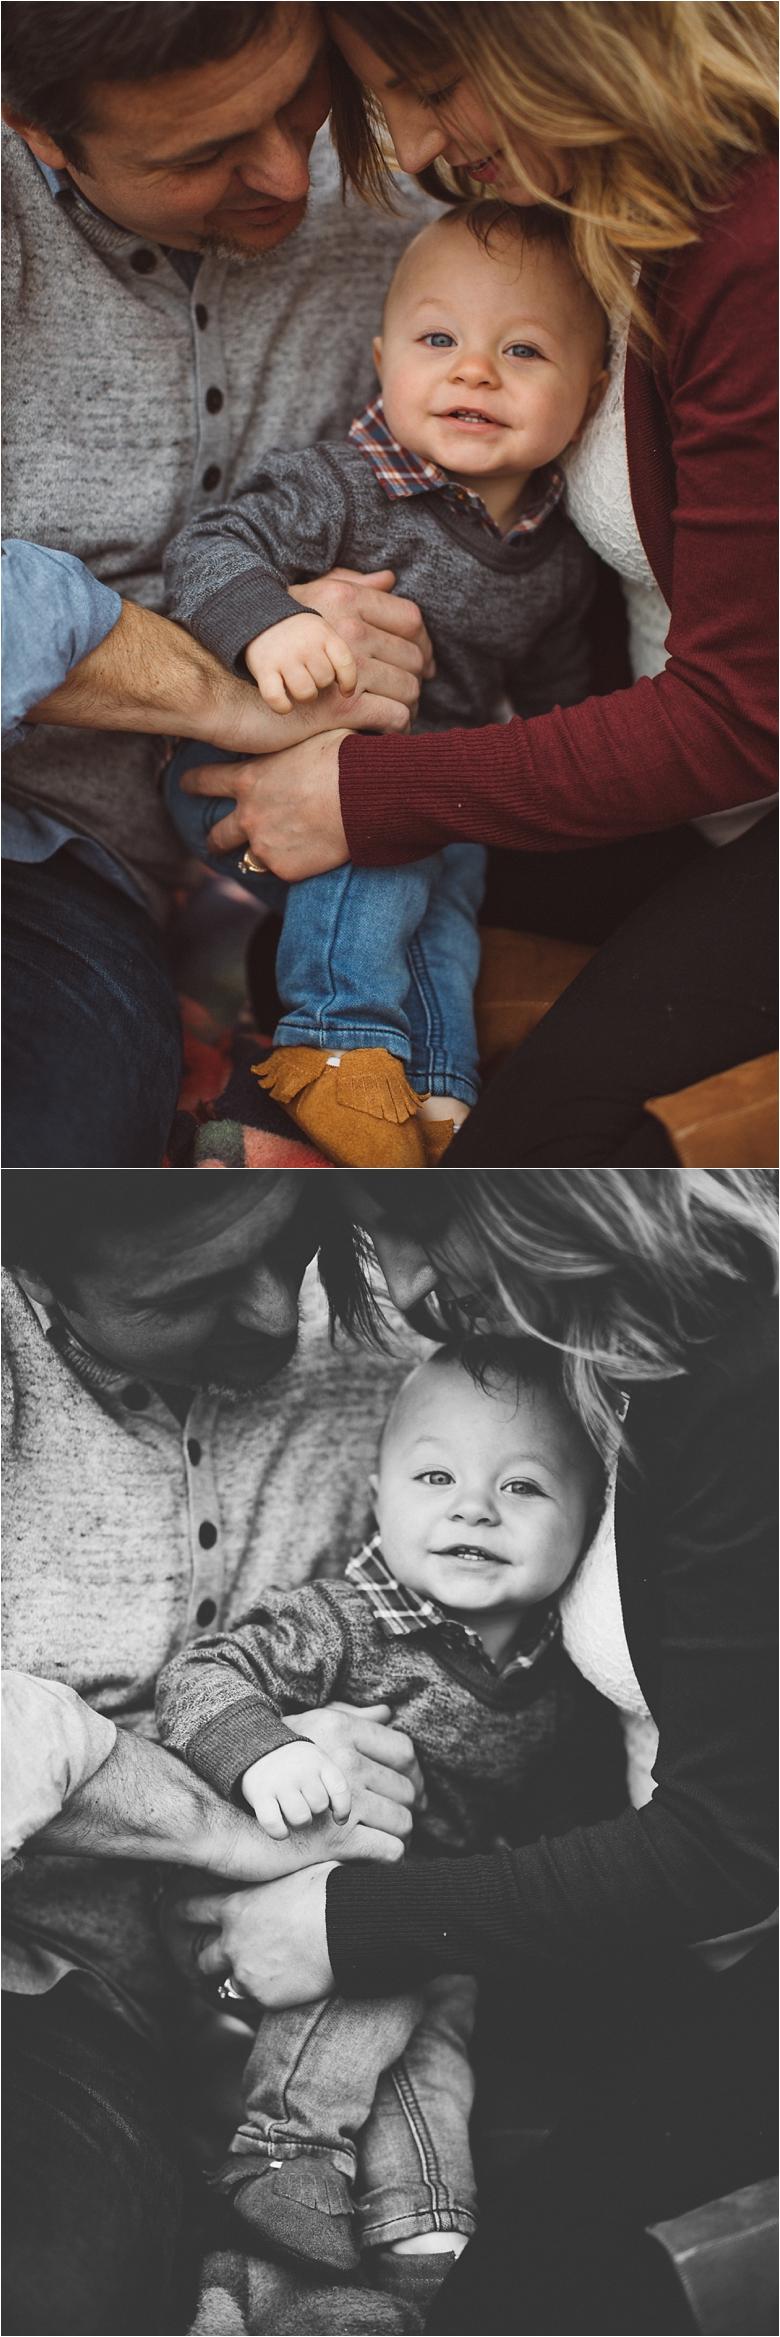 kansascitysfamilyphotographer_1011